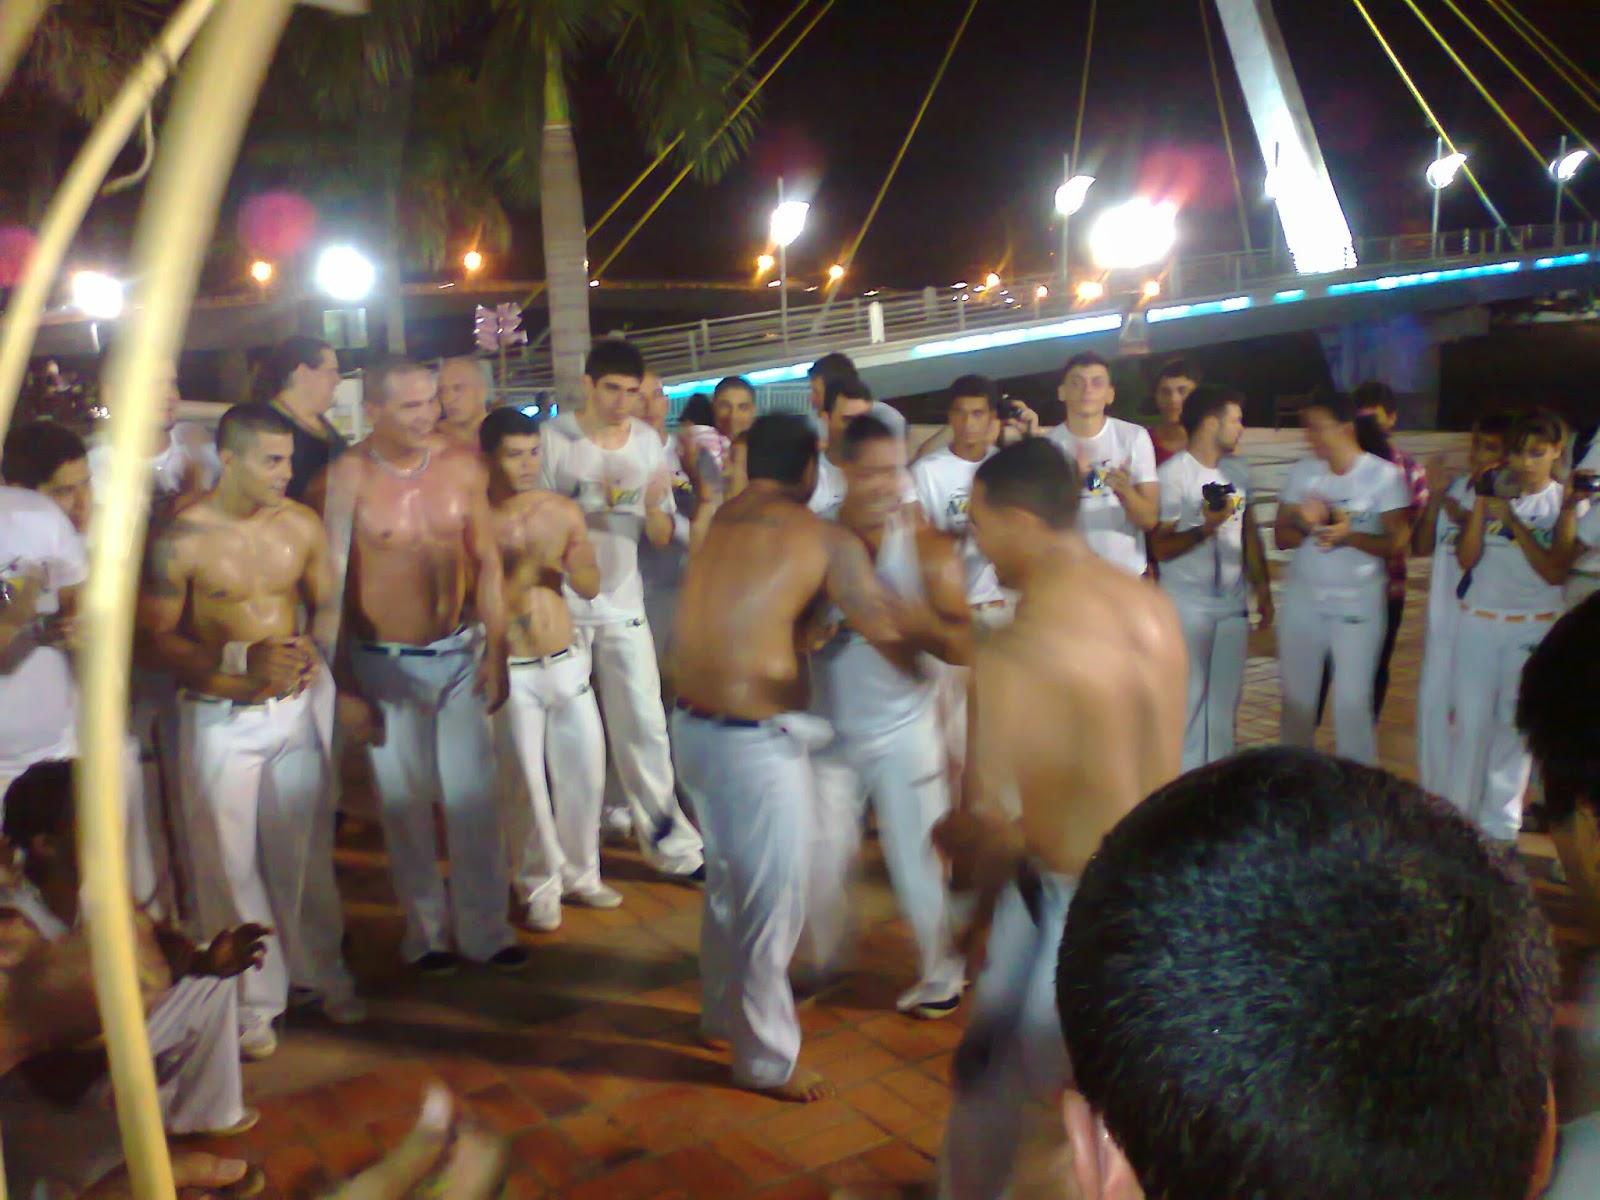 luta, capoeira, berimbau, roda, dança, mercado velho, corpo, camisa, pé no chão